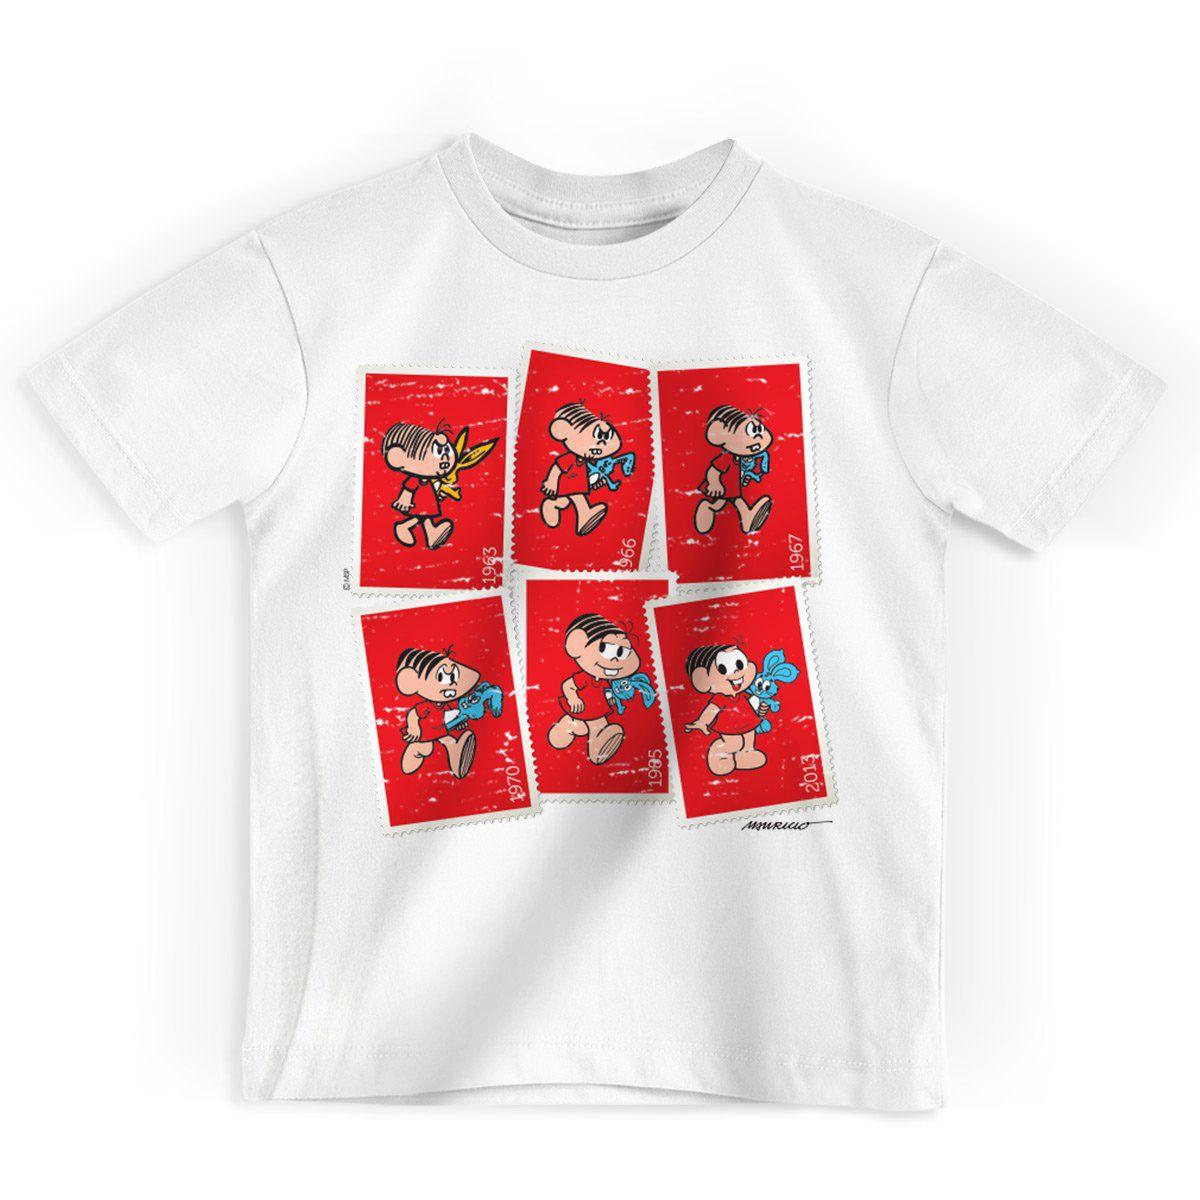 Camiseta Infantil Turma da Mônica 50 Anos Evolução Modelo 4